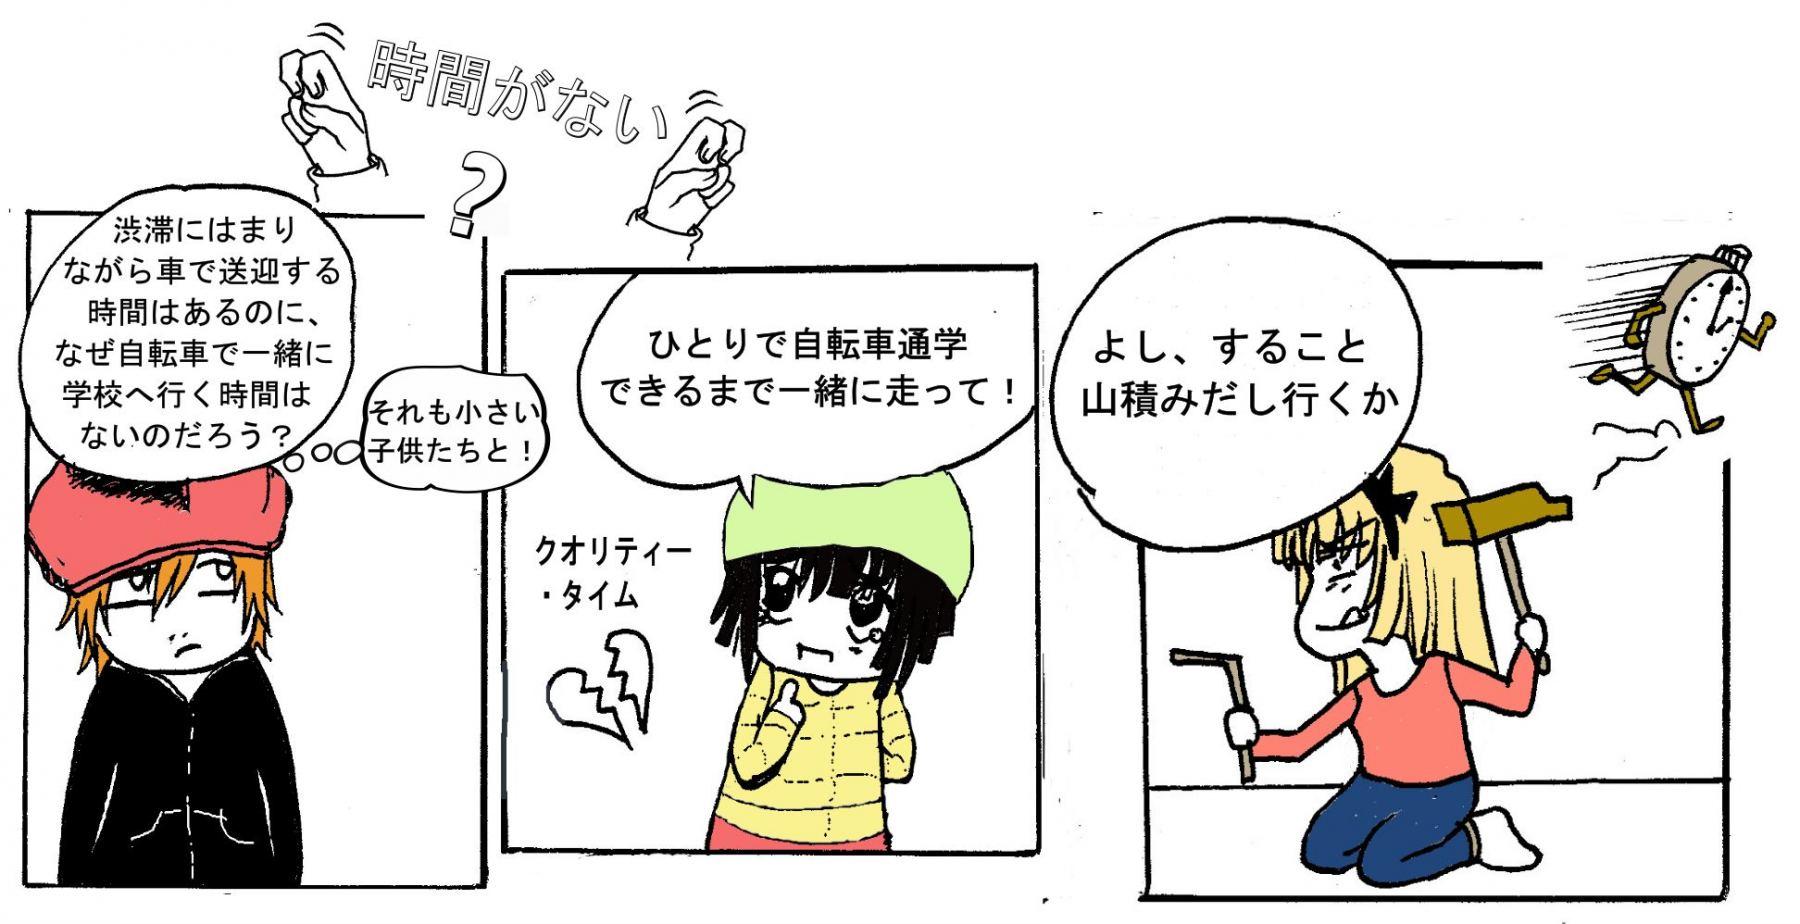 JAP_07_keinezeit_1000